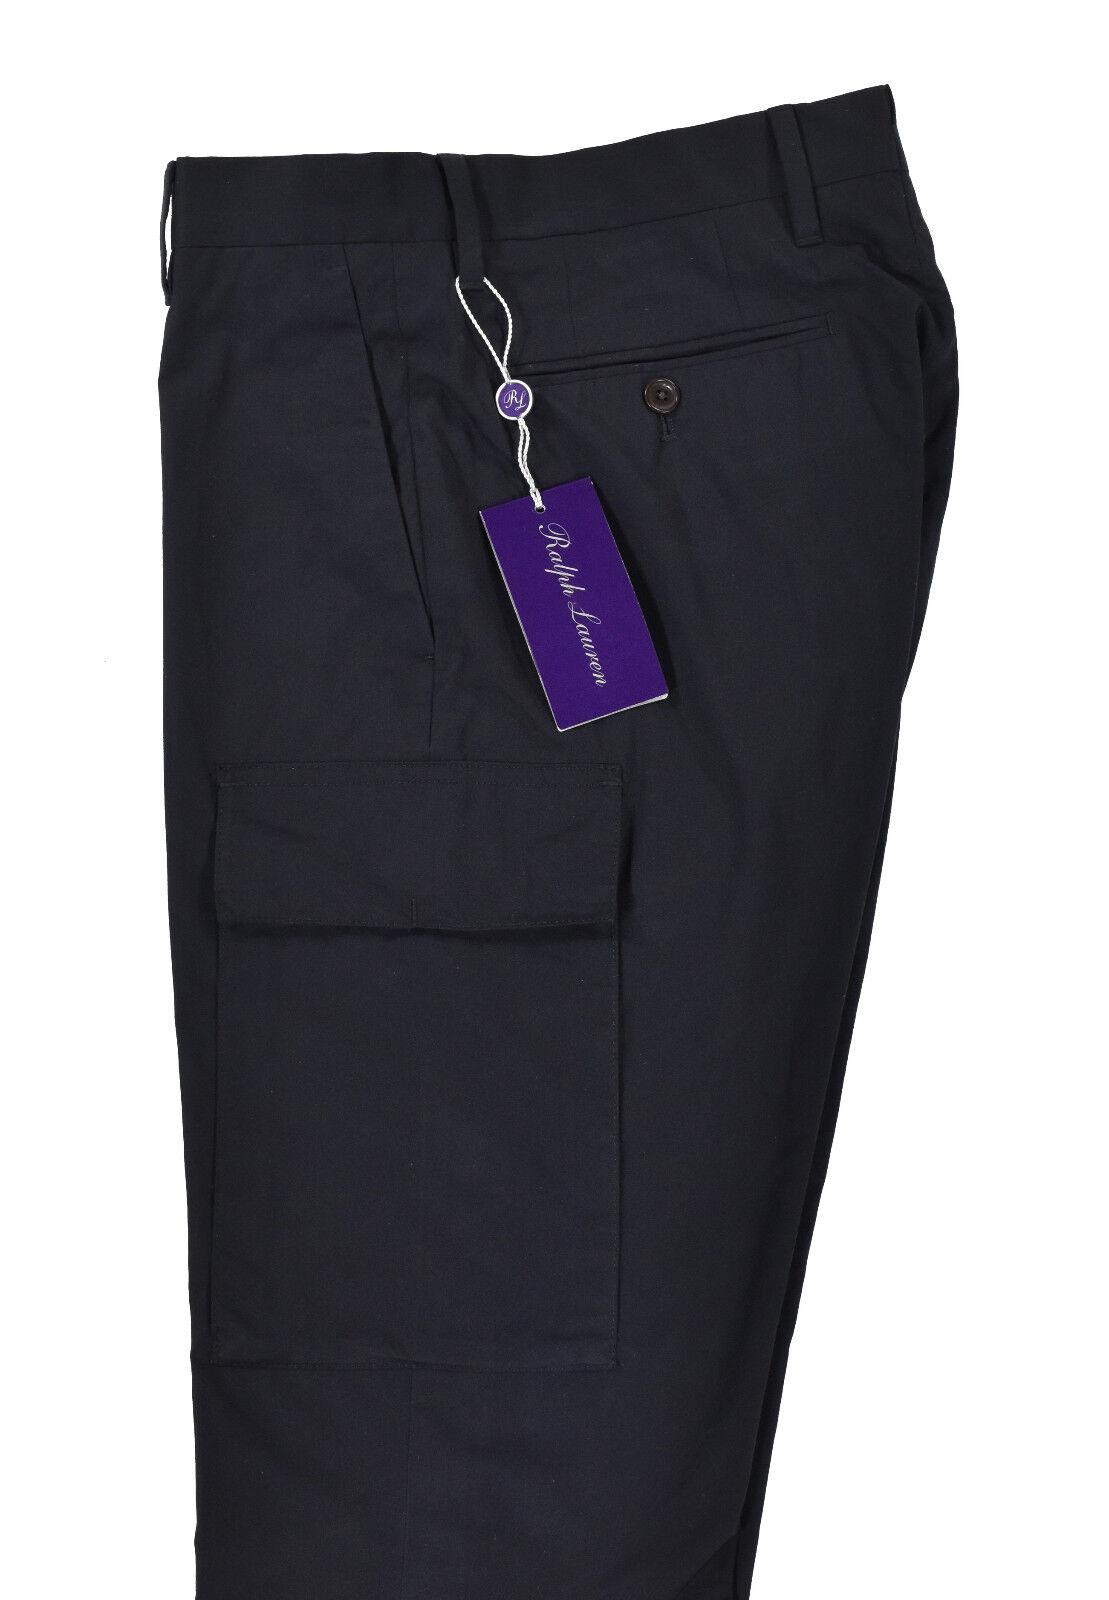 Ralph Lauren Purple Label Navy Cotton Cargo Dress Pants New